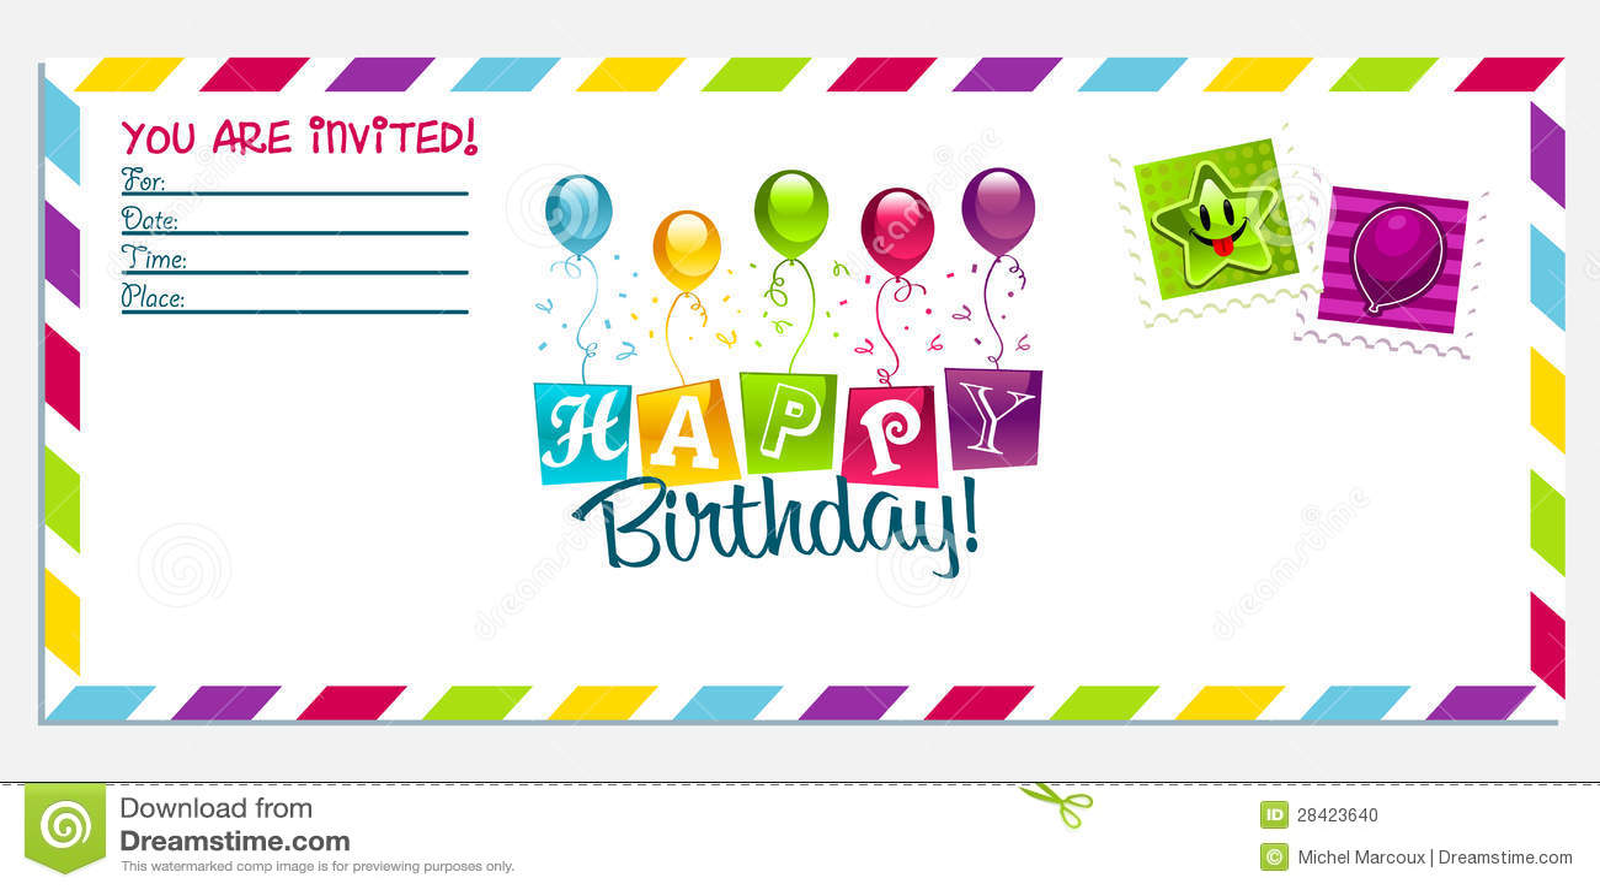 Happy Birthday Invitation Card Stock Photo - Image: 28423640